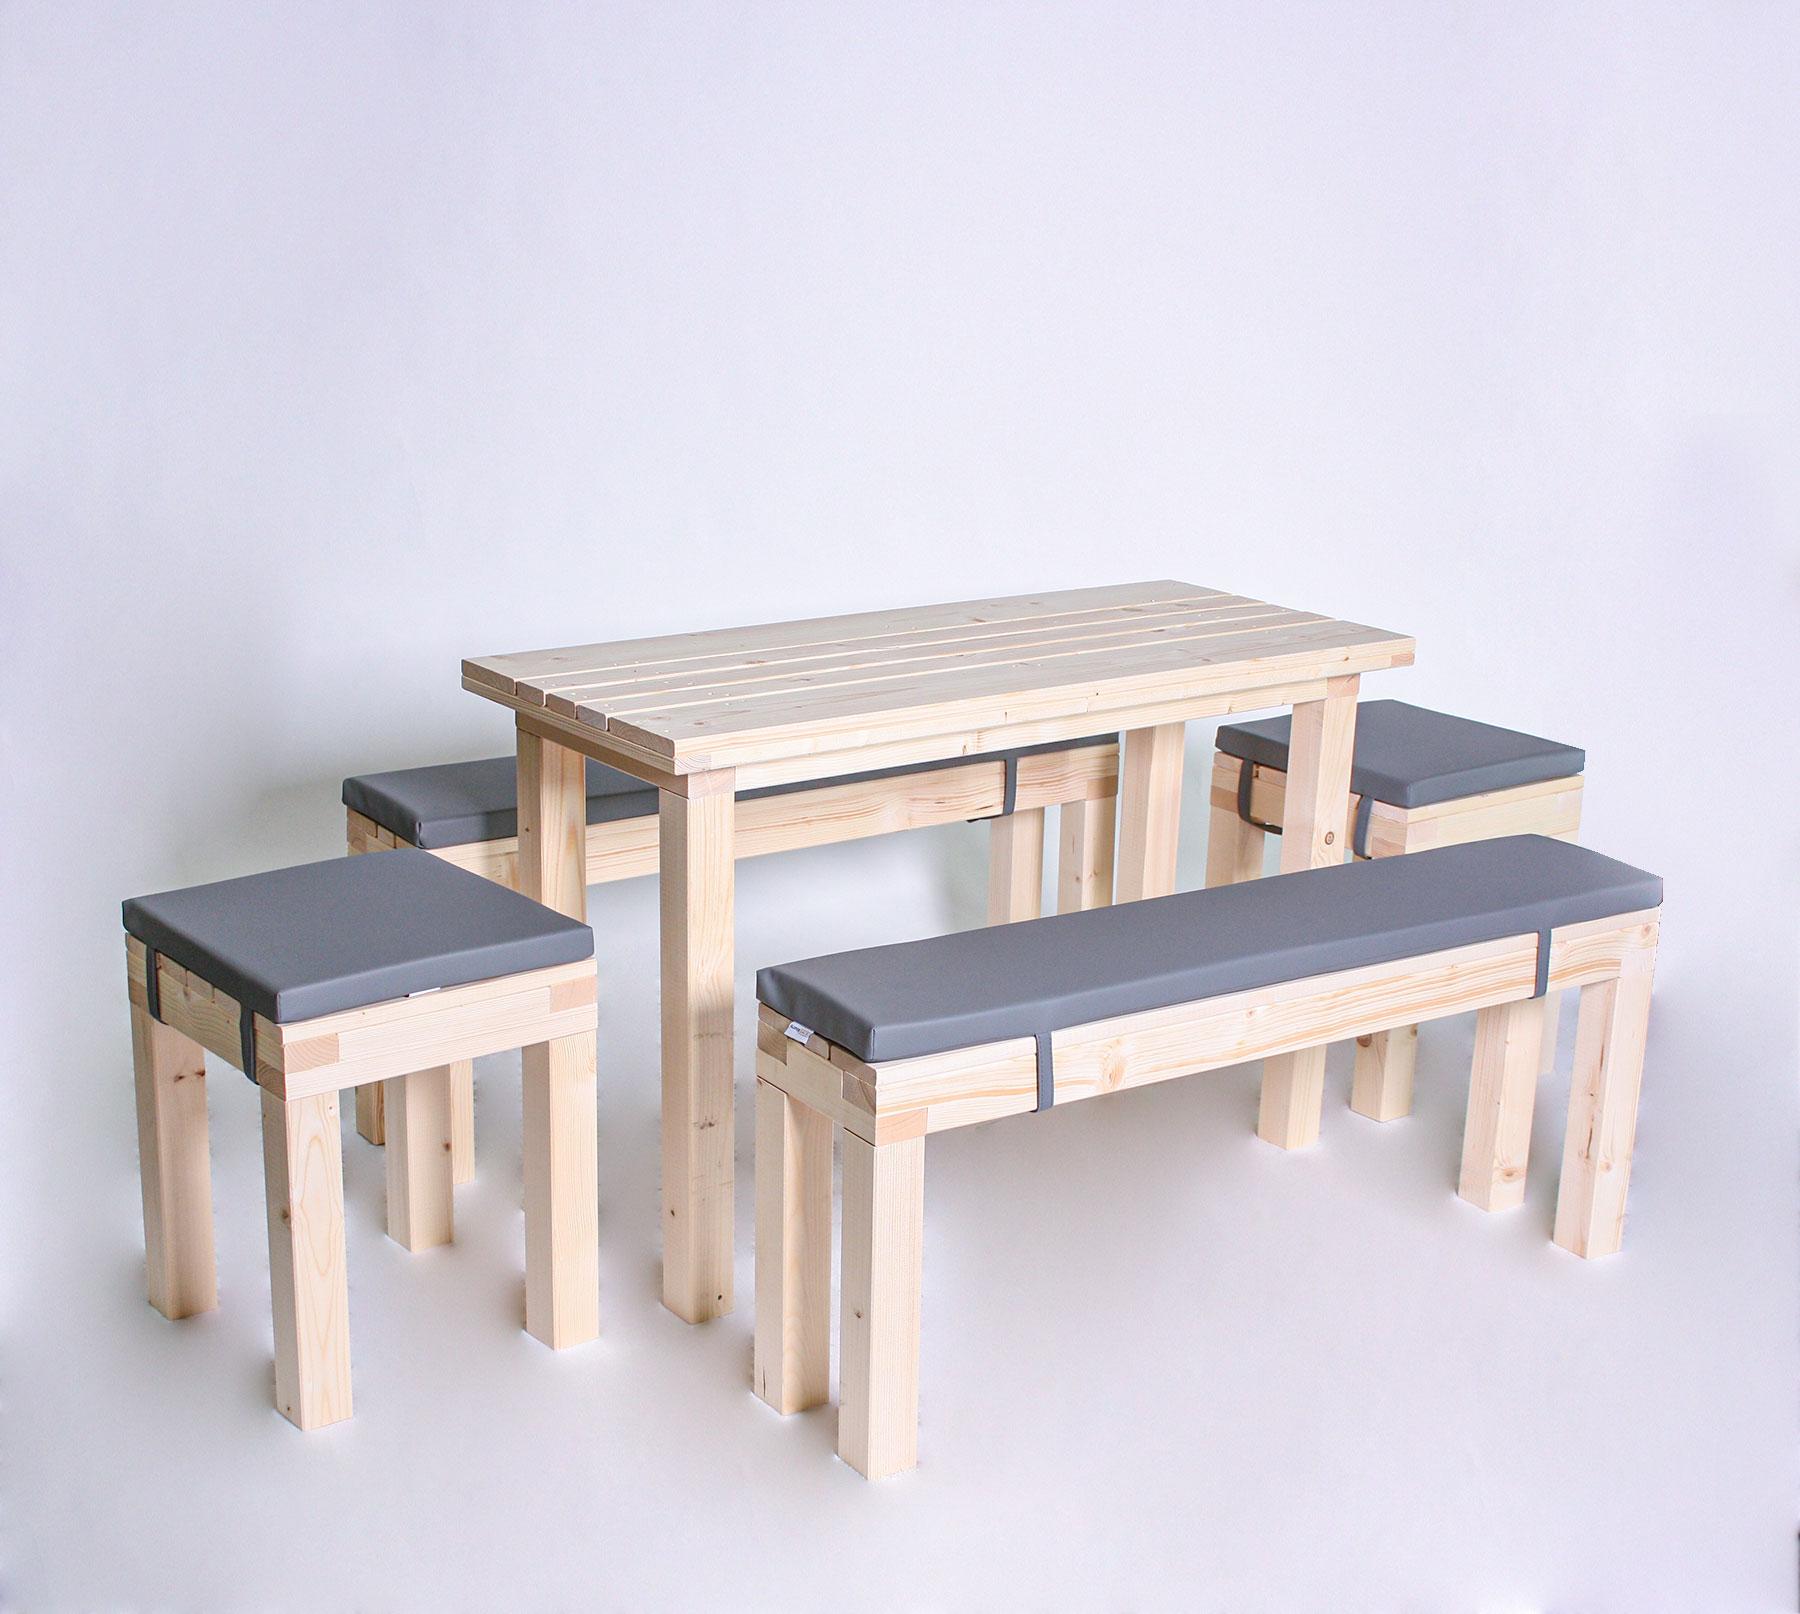 Sitzgarnitur KOMPAKT- Tischlänge 120cm - 8 Personen